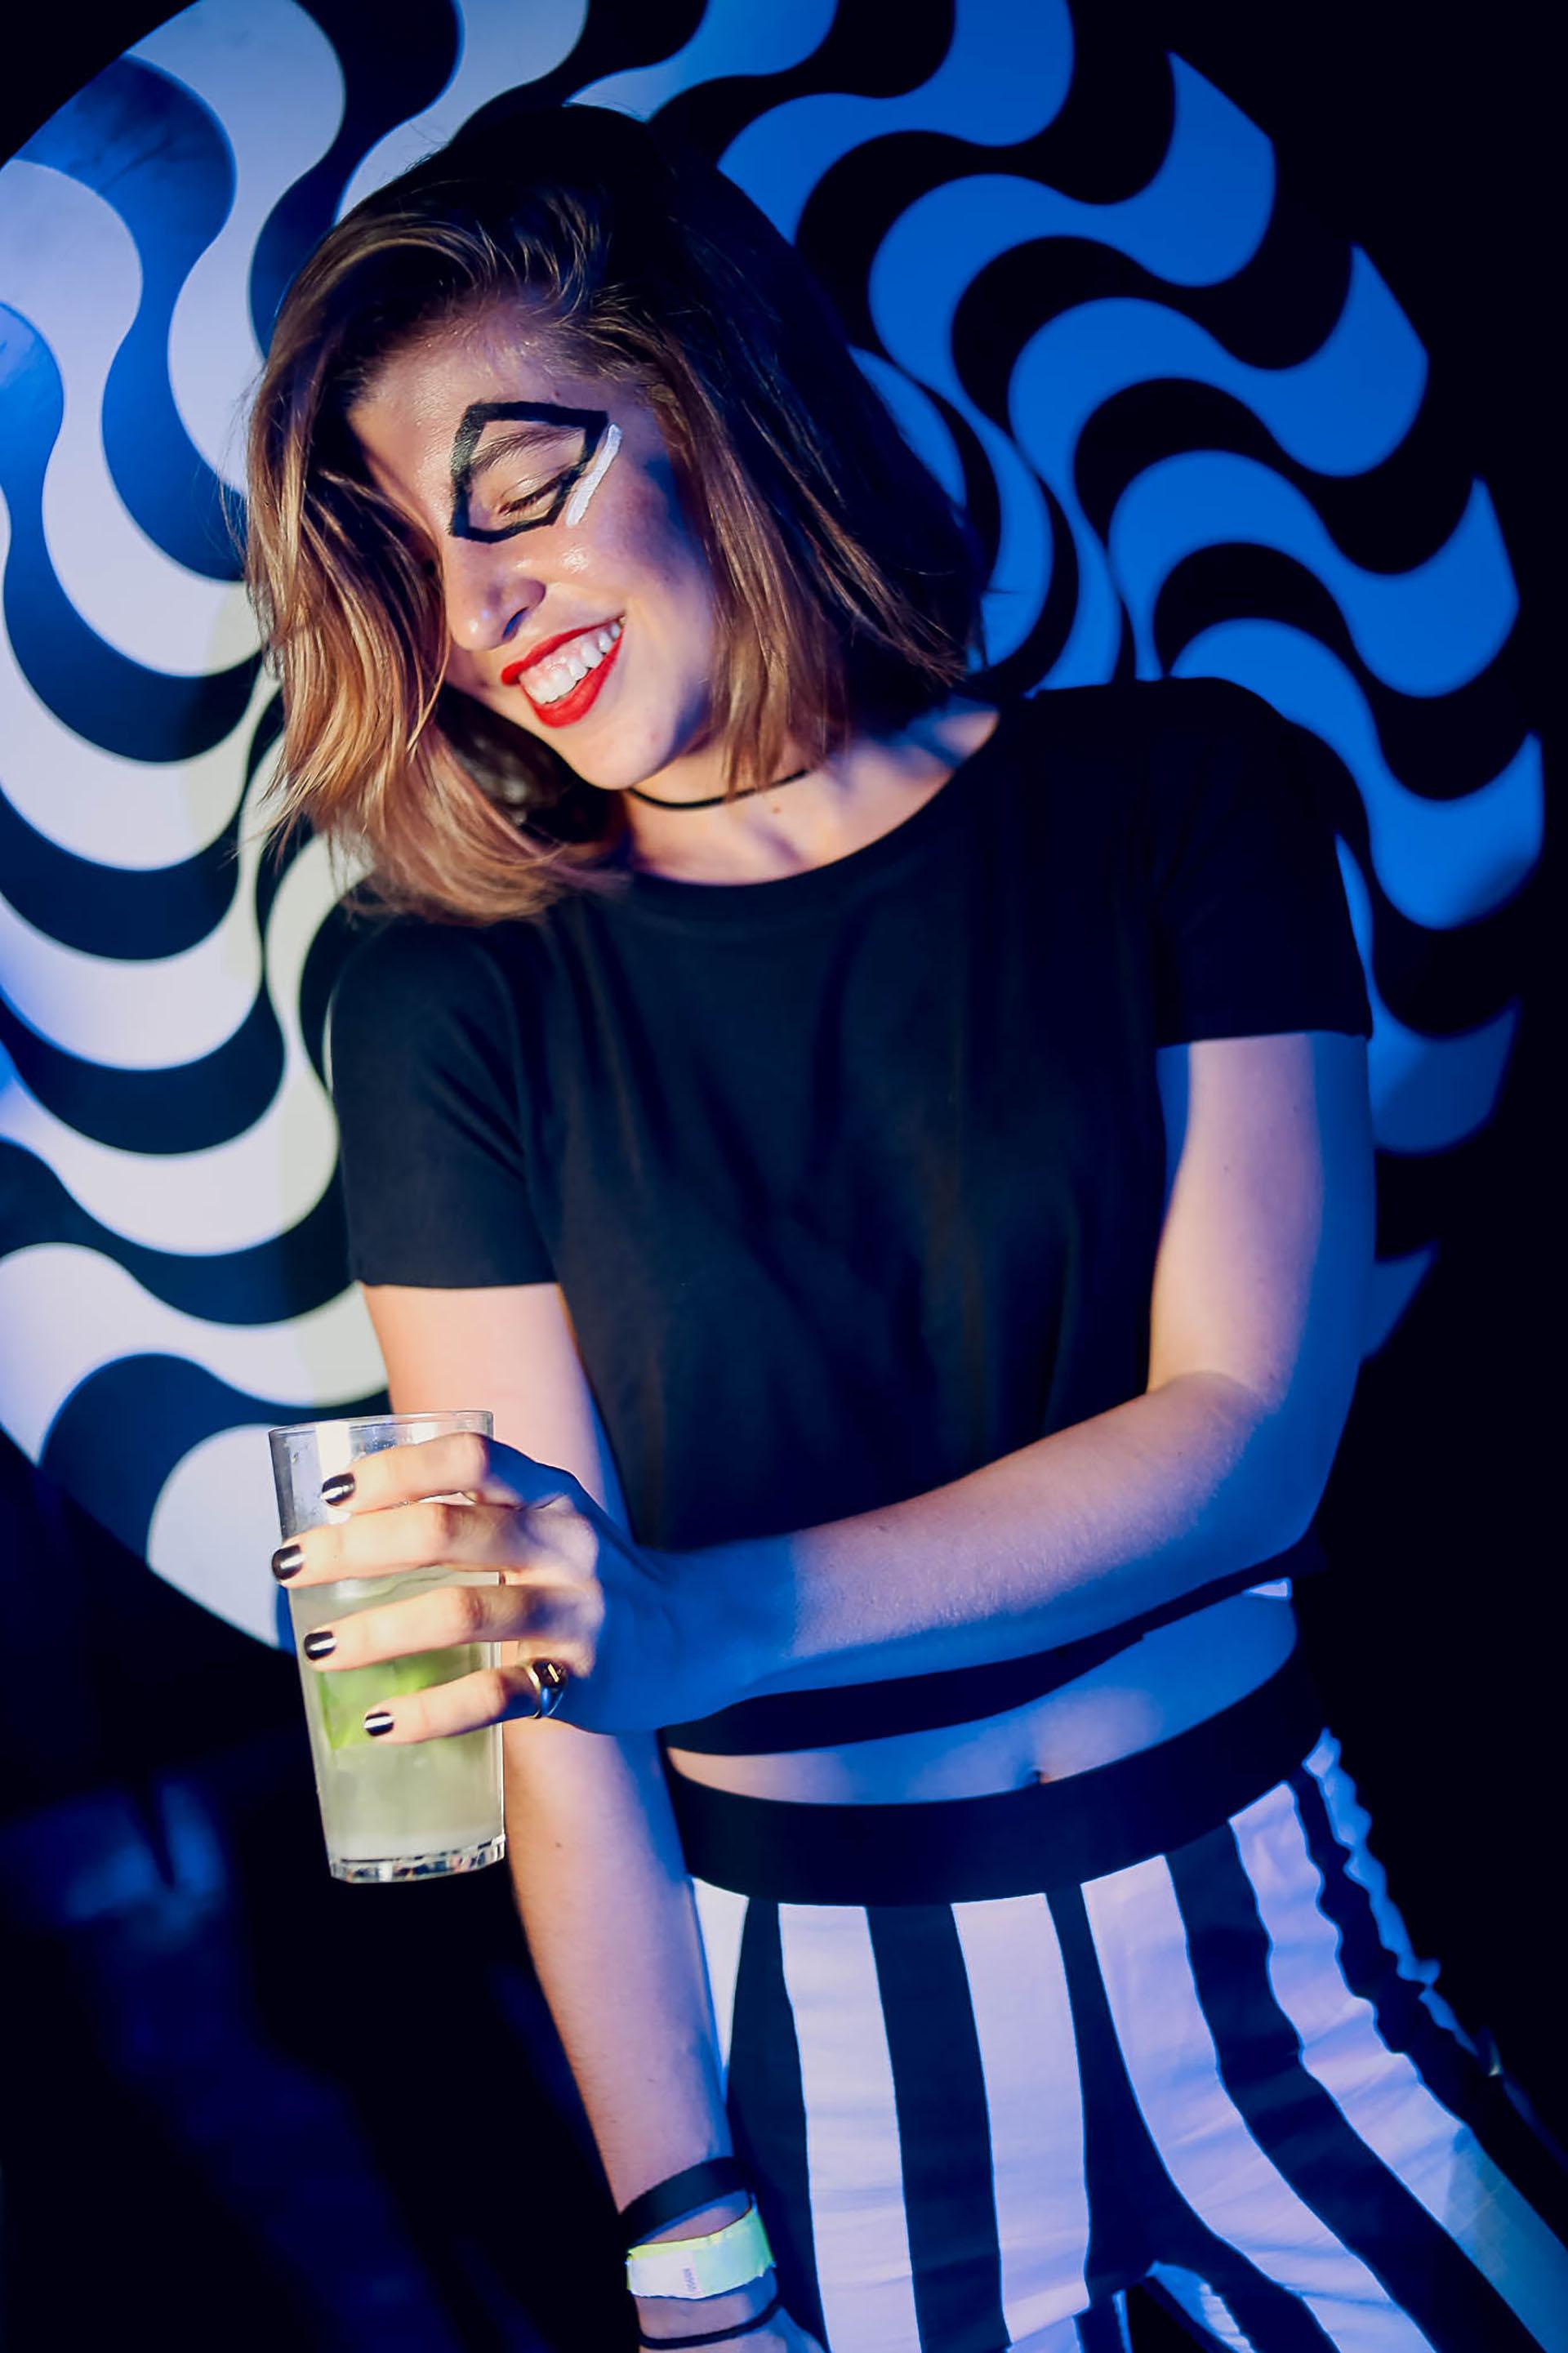 Rosario Neuss, fabulosa y divertida con el dress code geométrico black & white, en una noche inolvidable que buscó profundizar la visibilidad de la categoría Jóvenes creada en 2015, y acercar a ese público al Museo, a la Asociación y al arte en general